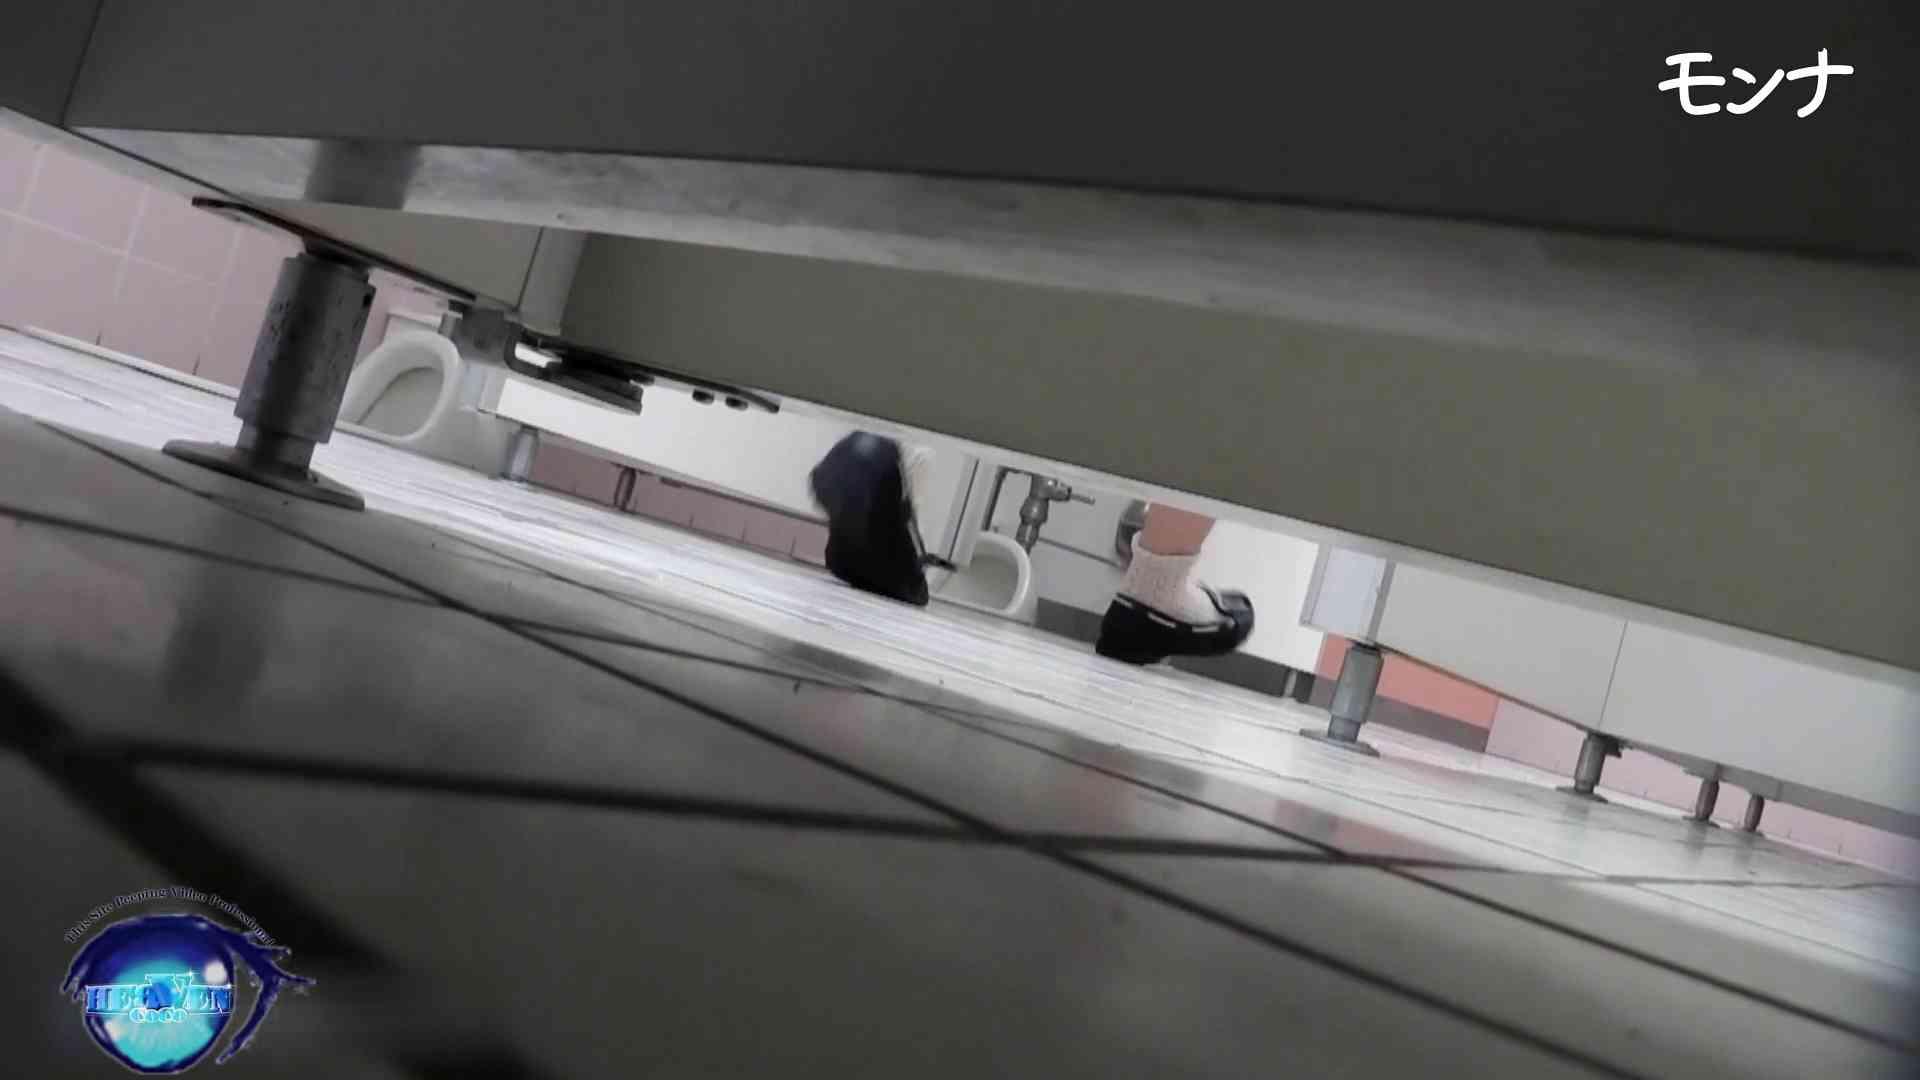 【美しい日本の未来】美しい日本の未来 No.79ロケ地変更、新アングル 盗撮シリーズ   おまんこ見放題  106PIX 29